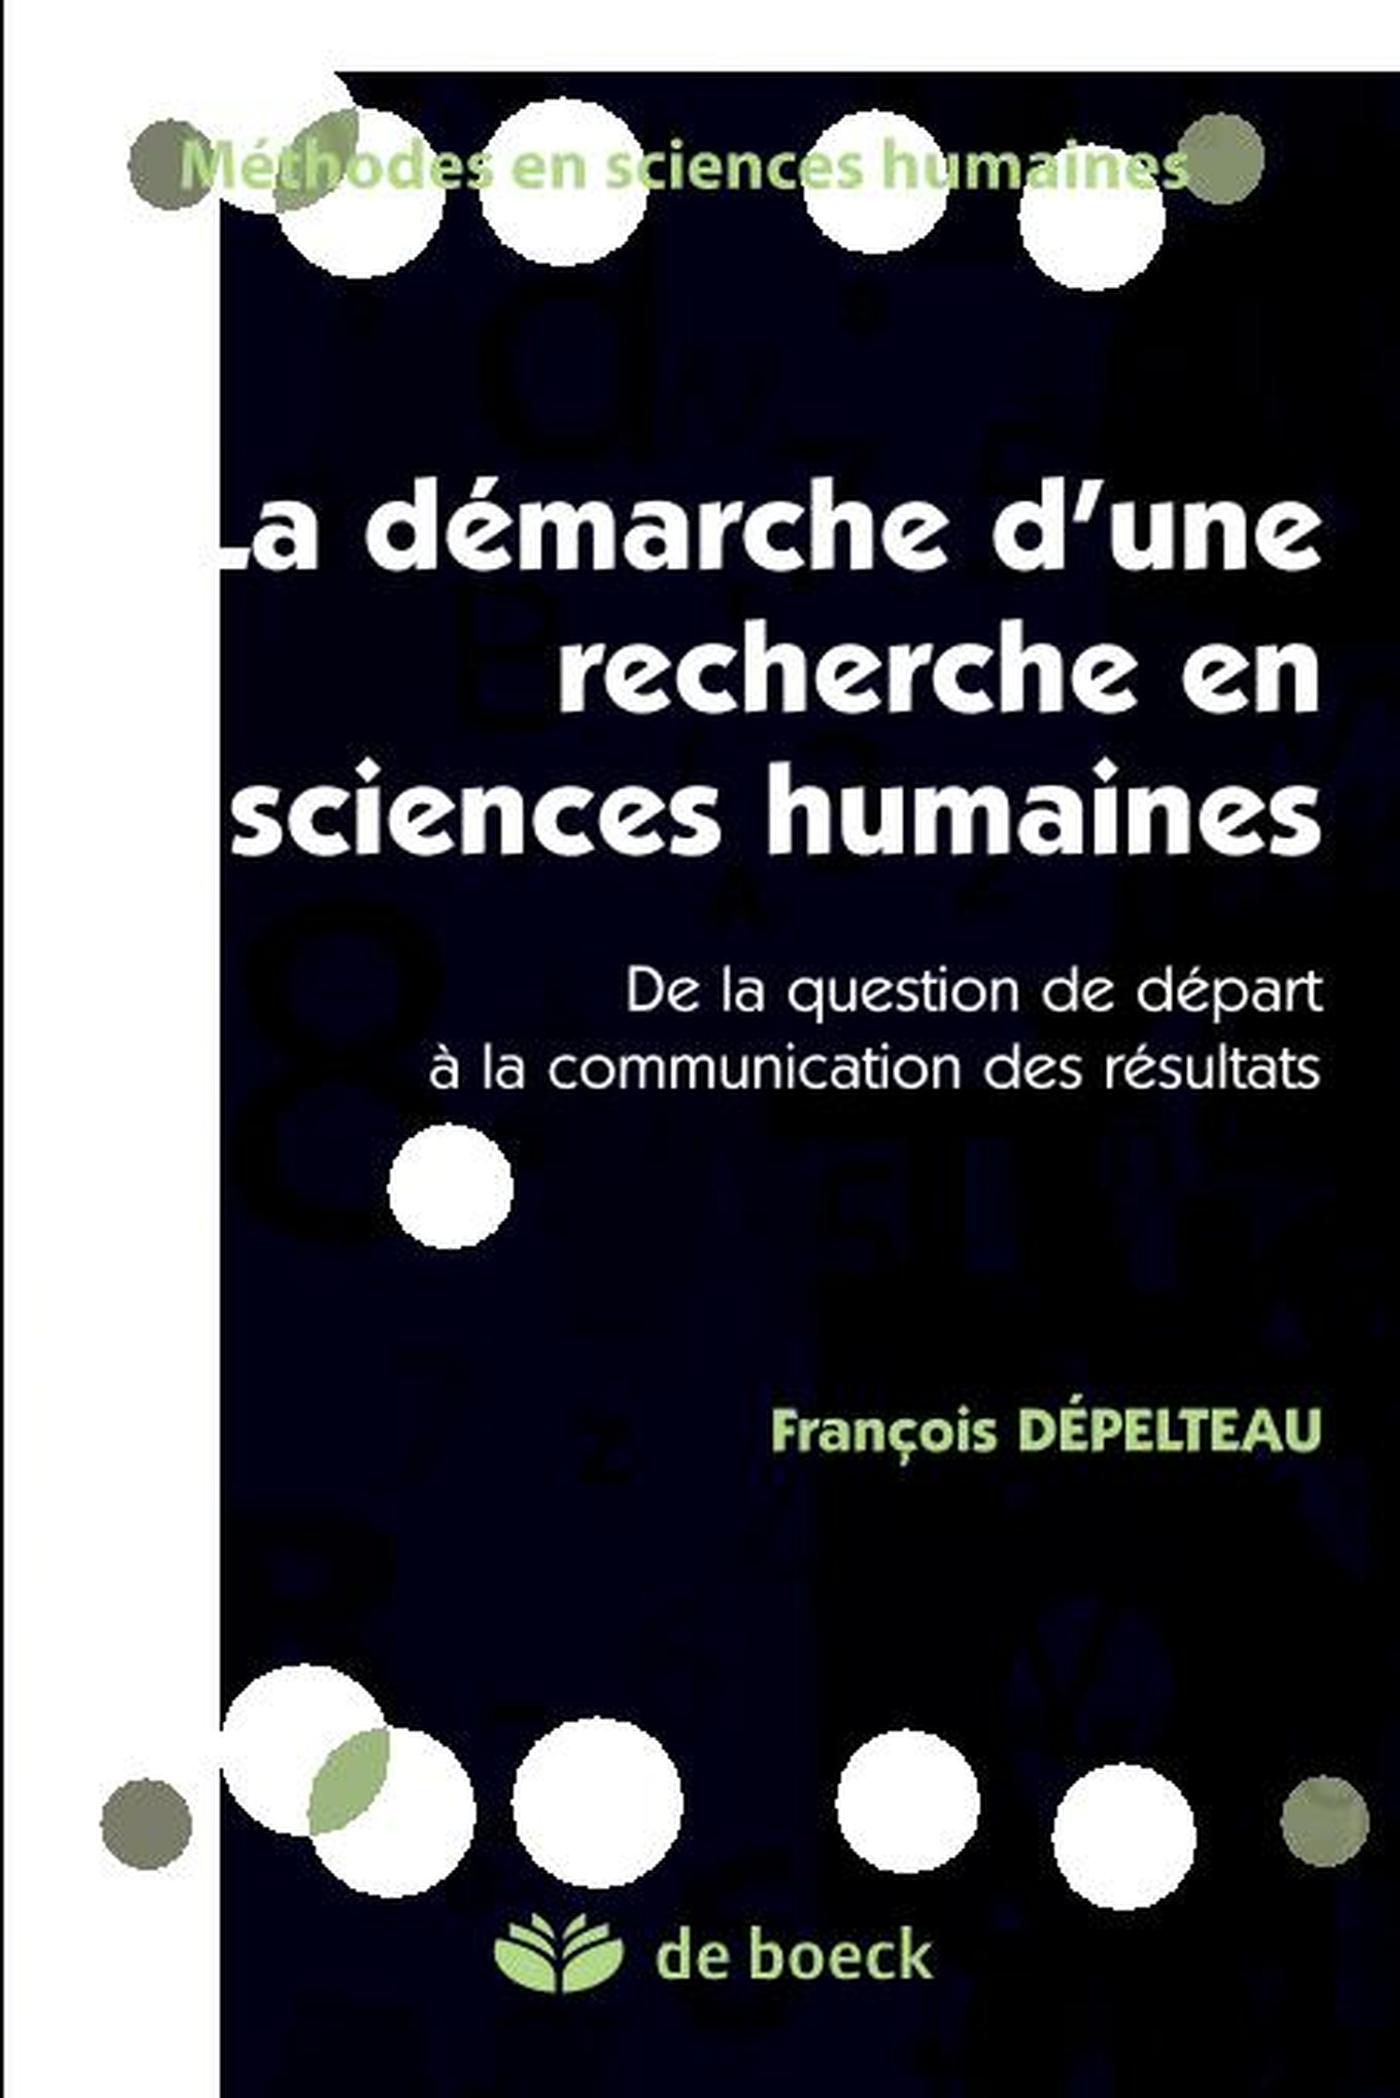 Démarche d'une recherche en sciences humaines